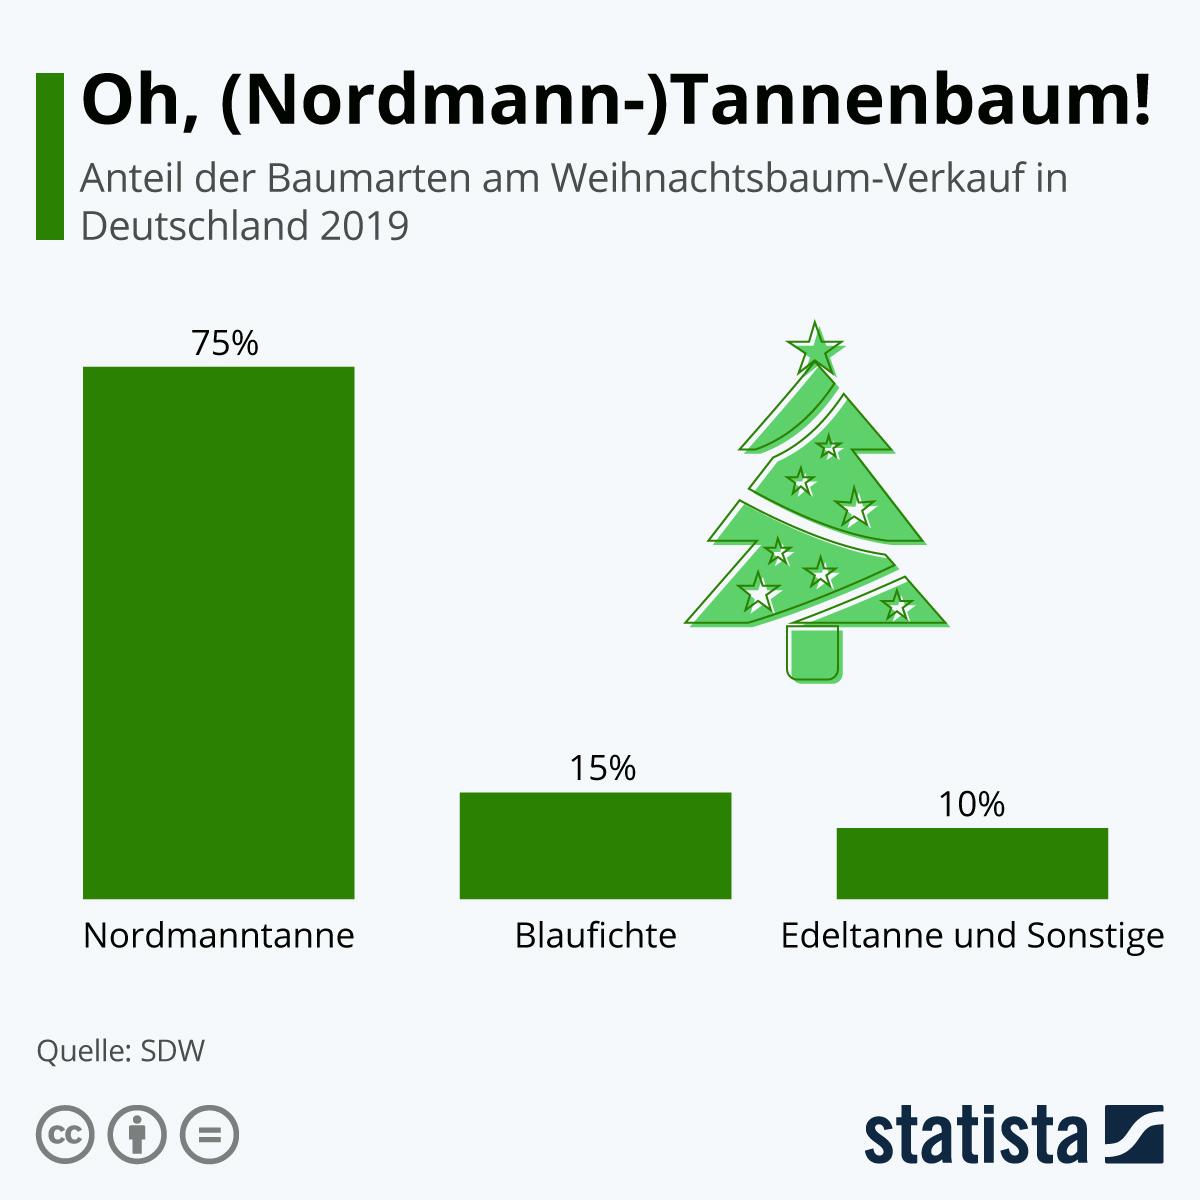 Infografik: Der beliebteste Weihnachtsbaum ist die Nordmanntanne | Statista